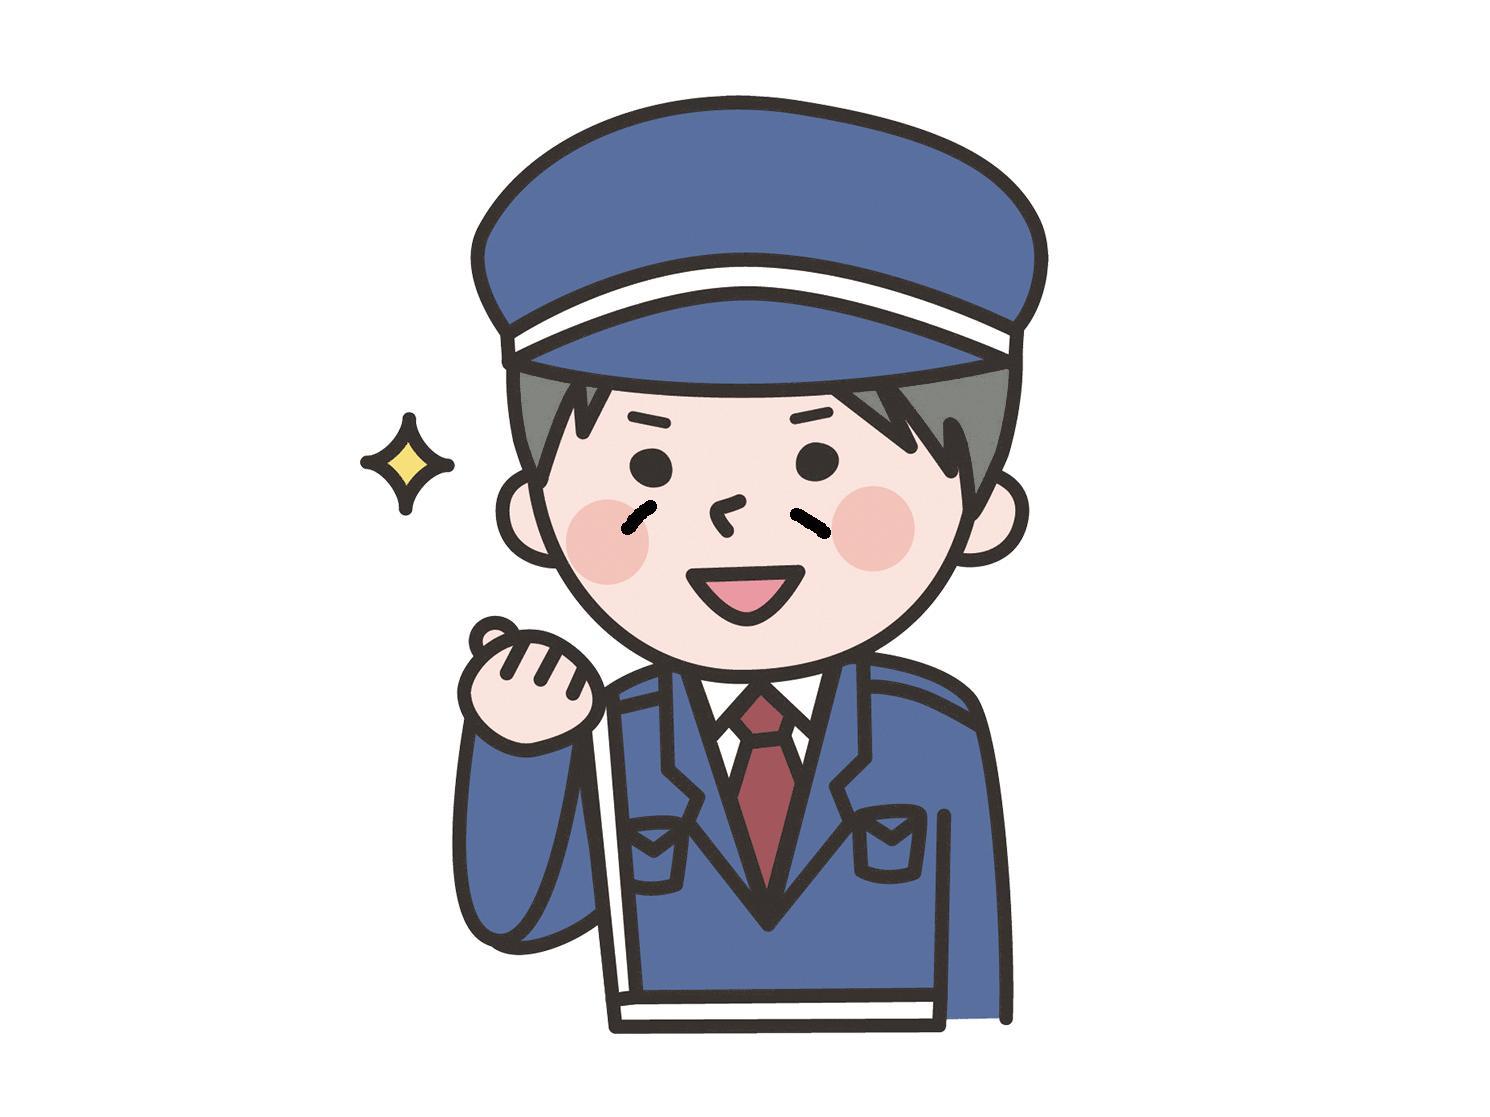 【大学内警備・総合案内スタッフ(責任者候補)】☆学生さんの安心・安全を作る☆